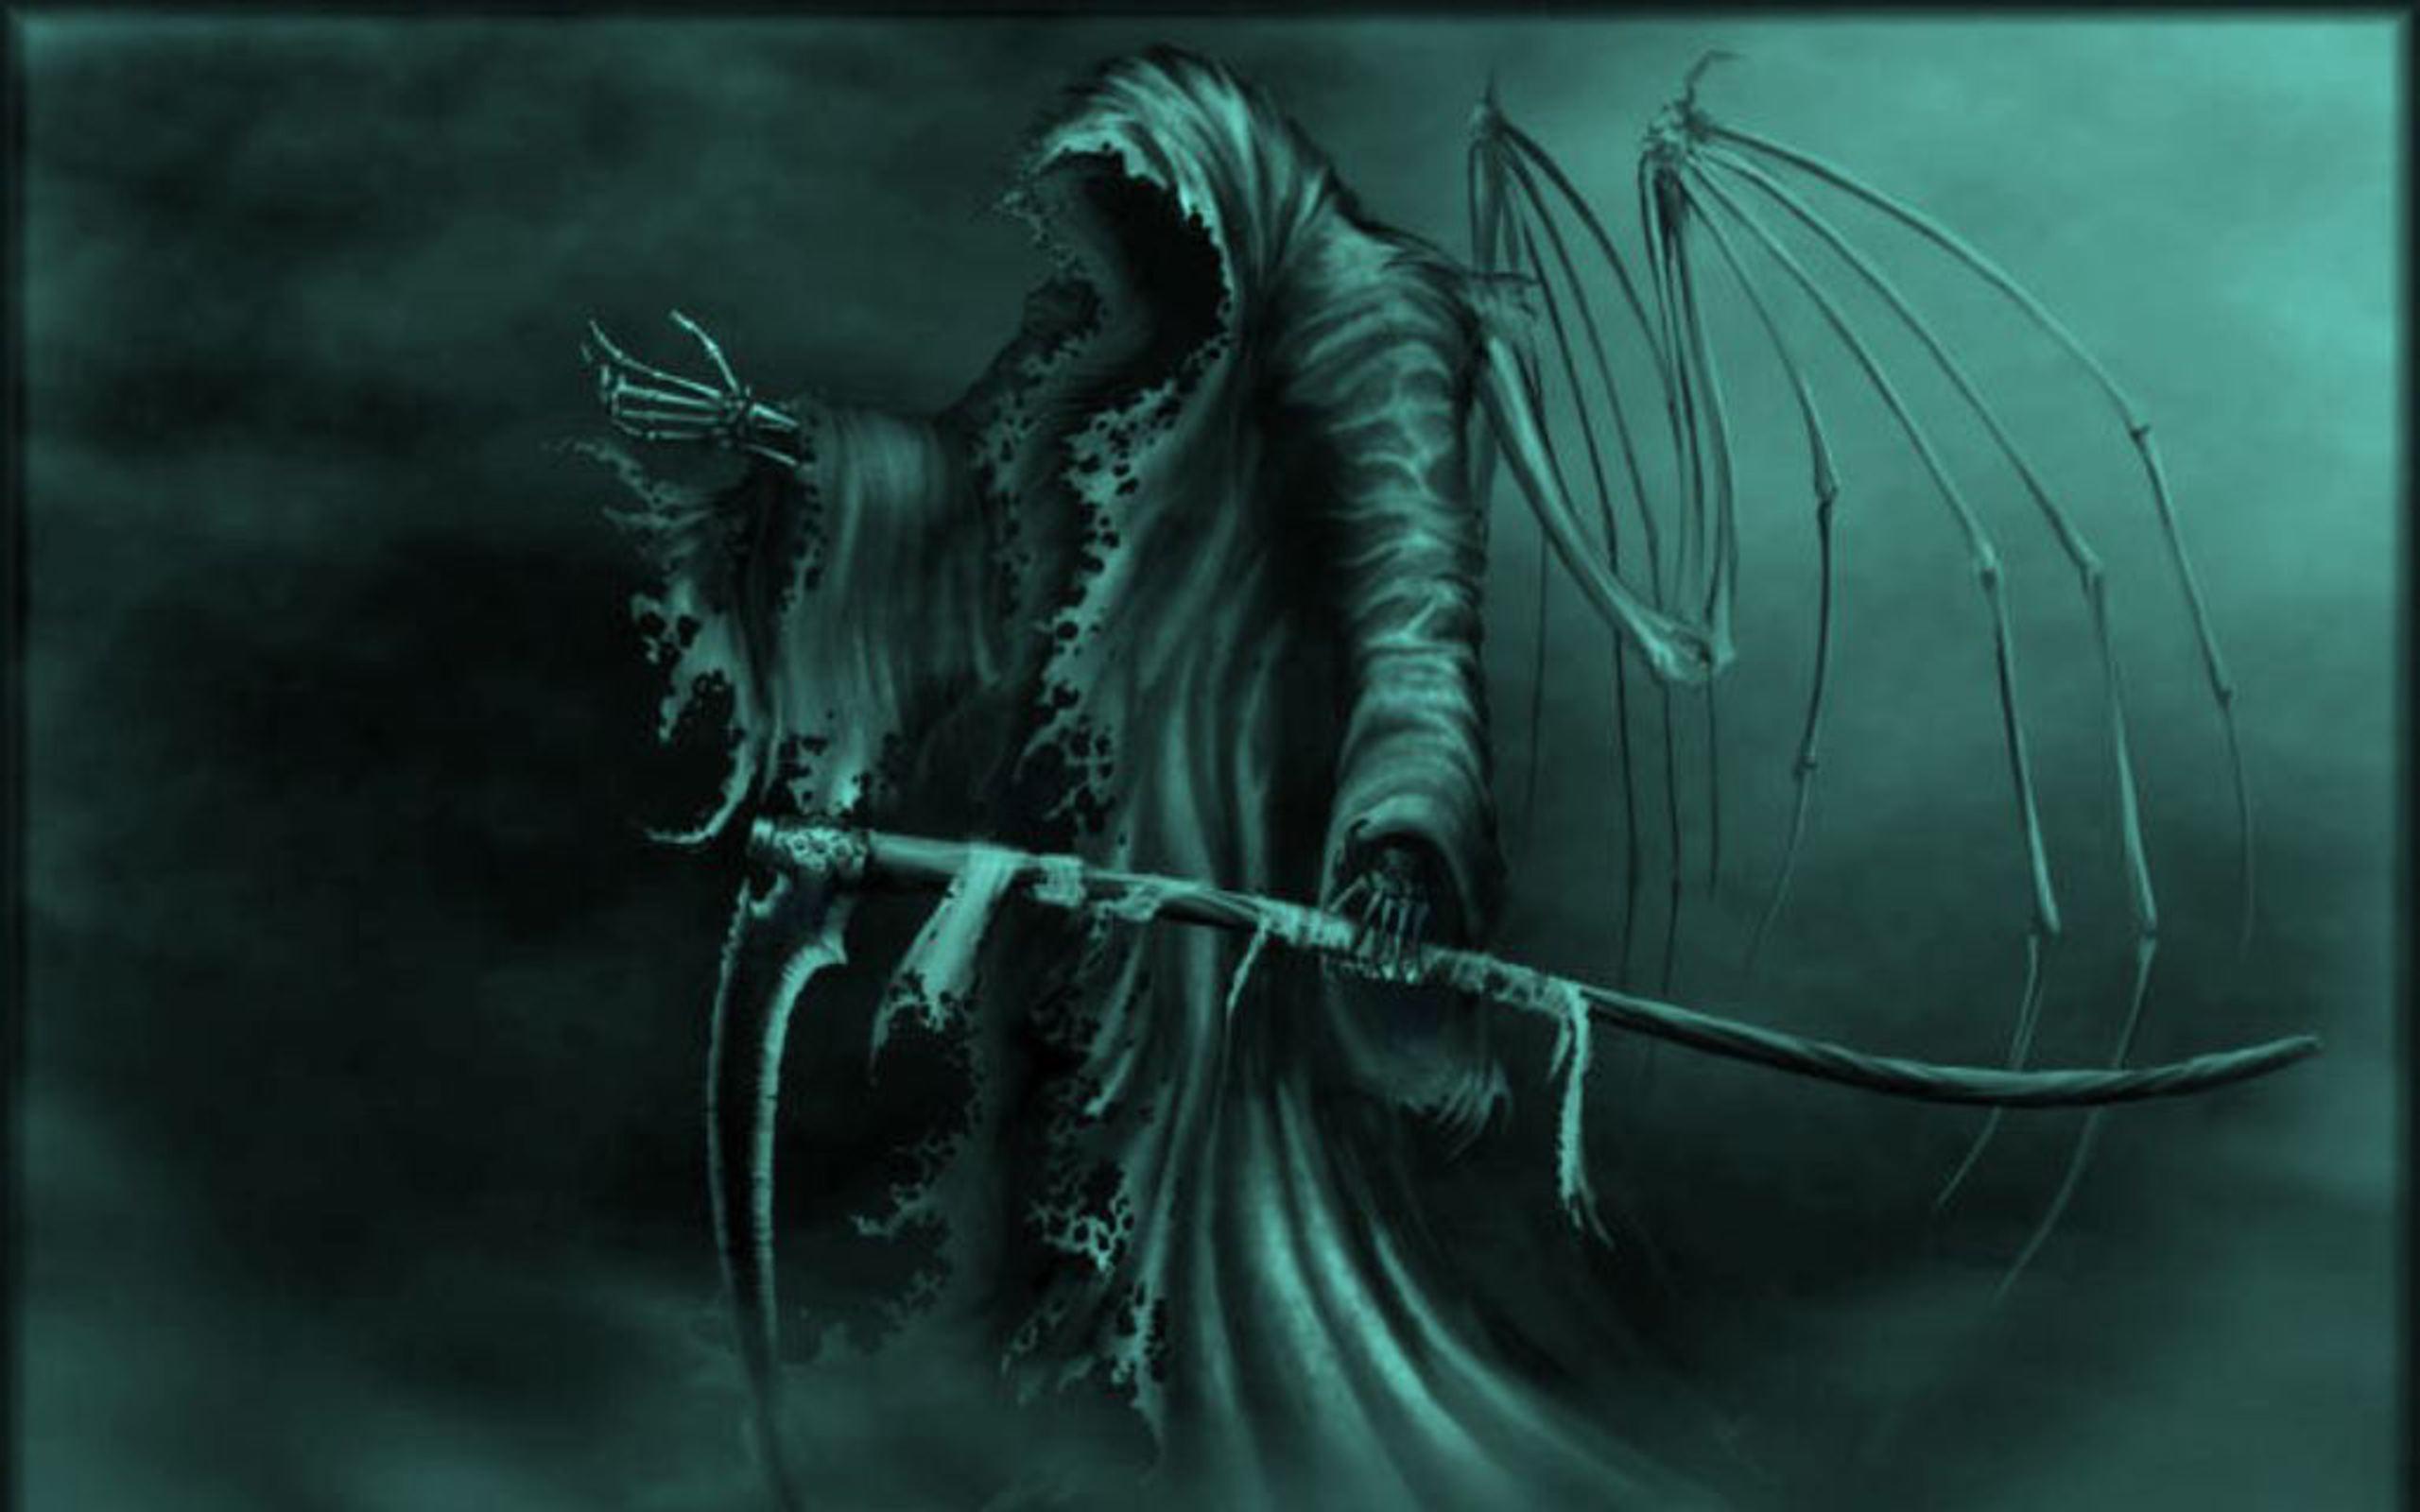 Grim Reaper Wallpaper for Free